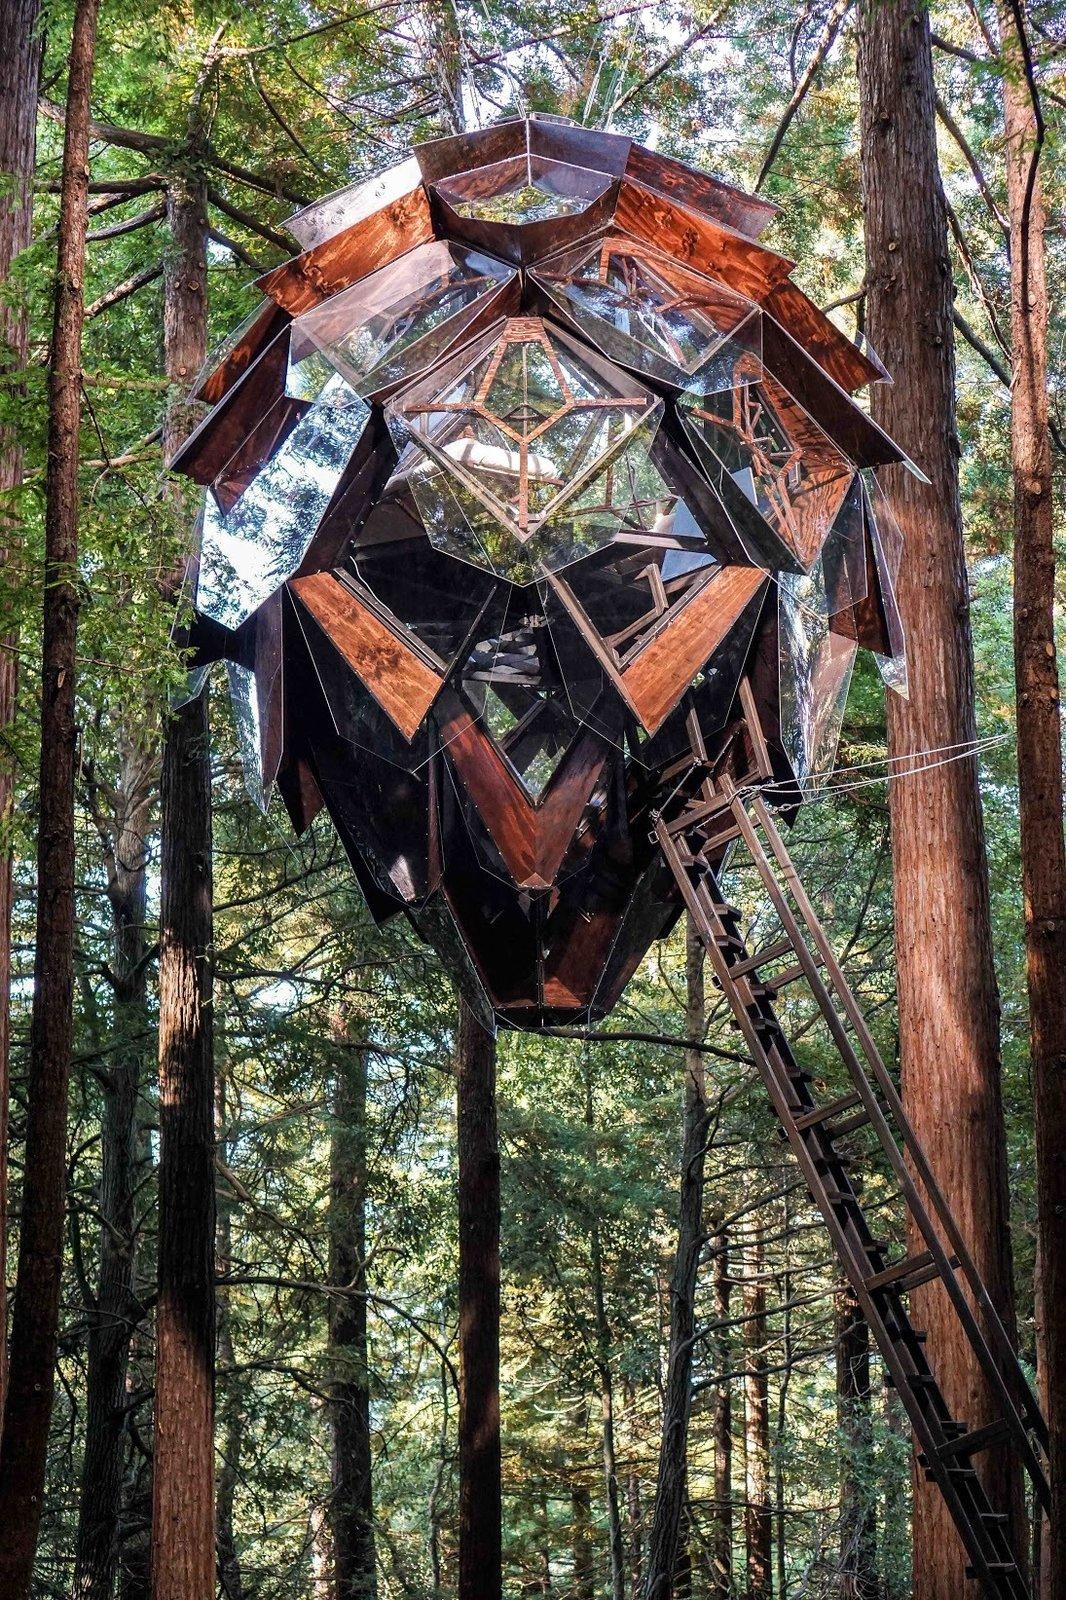 Pinecone tree house